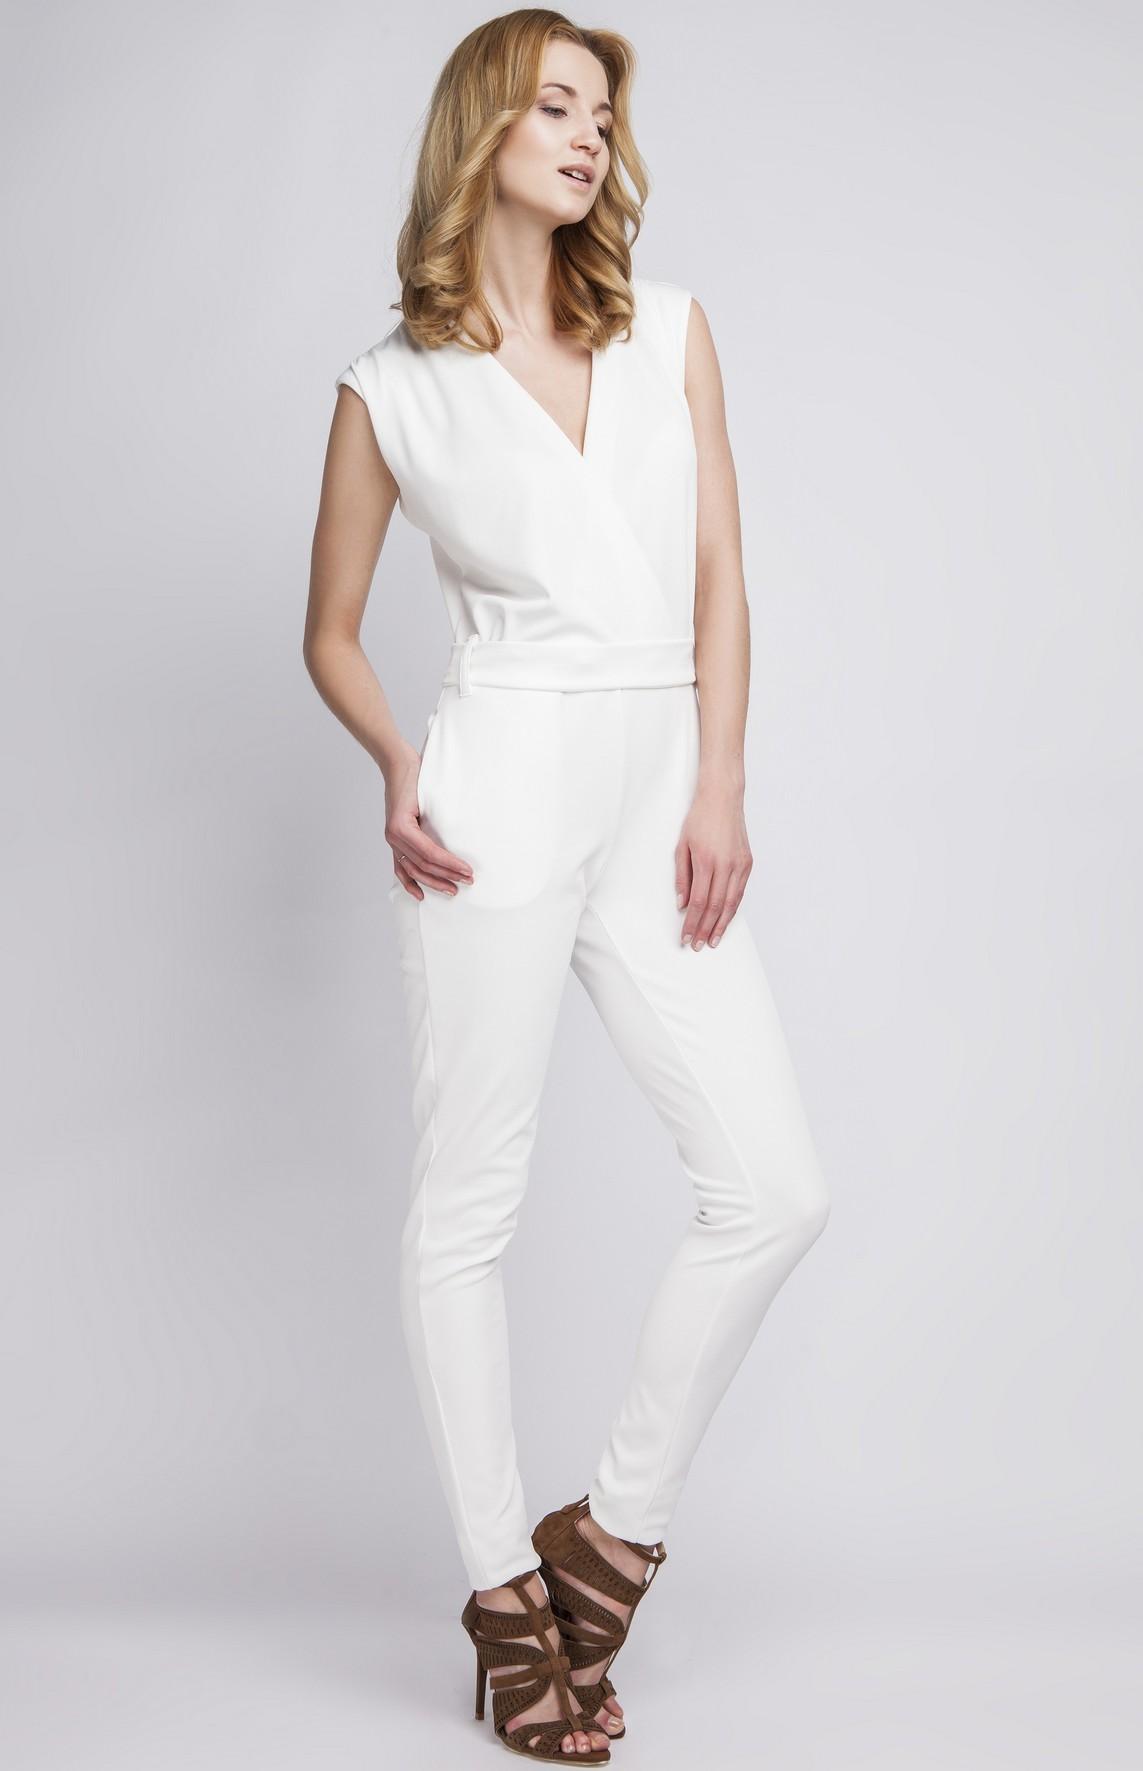 combinaison pantalon sans manches blanches lan 109 b idresstocode boutique de d shabill s et. Black Bedroom Furniture Sets. Home Design Ideas